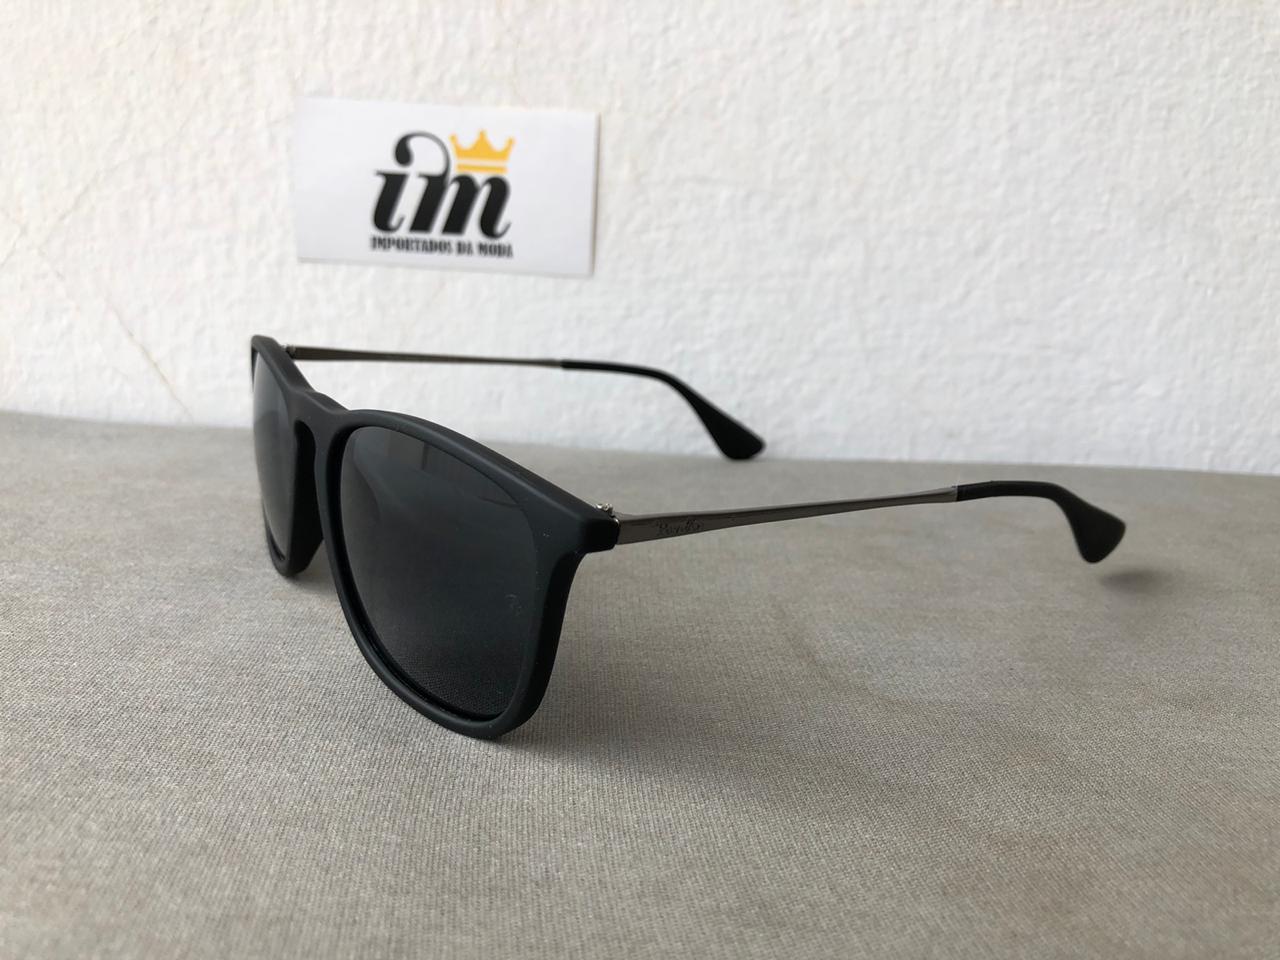 Oculos Sol Chris Preto Replica Primeira Linha